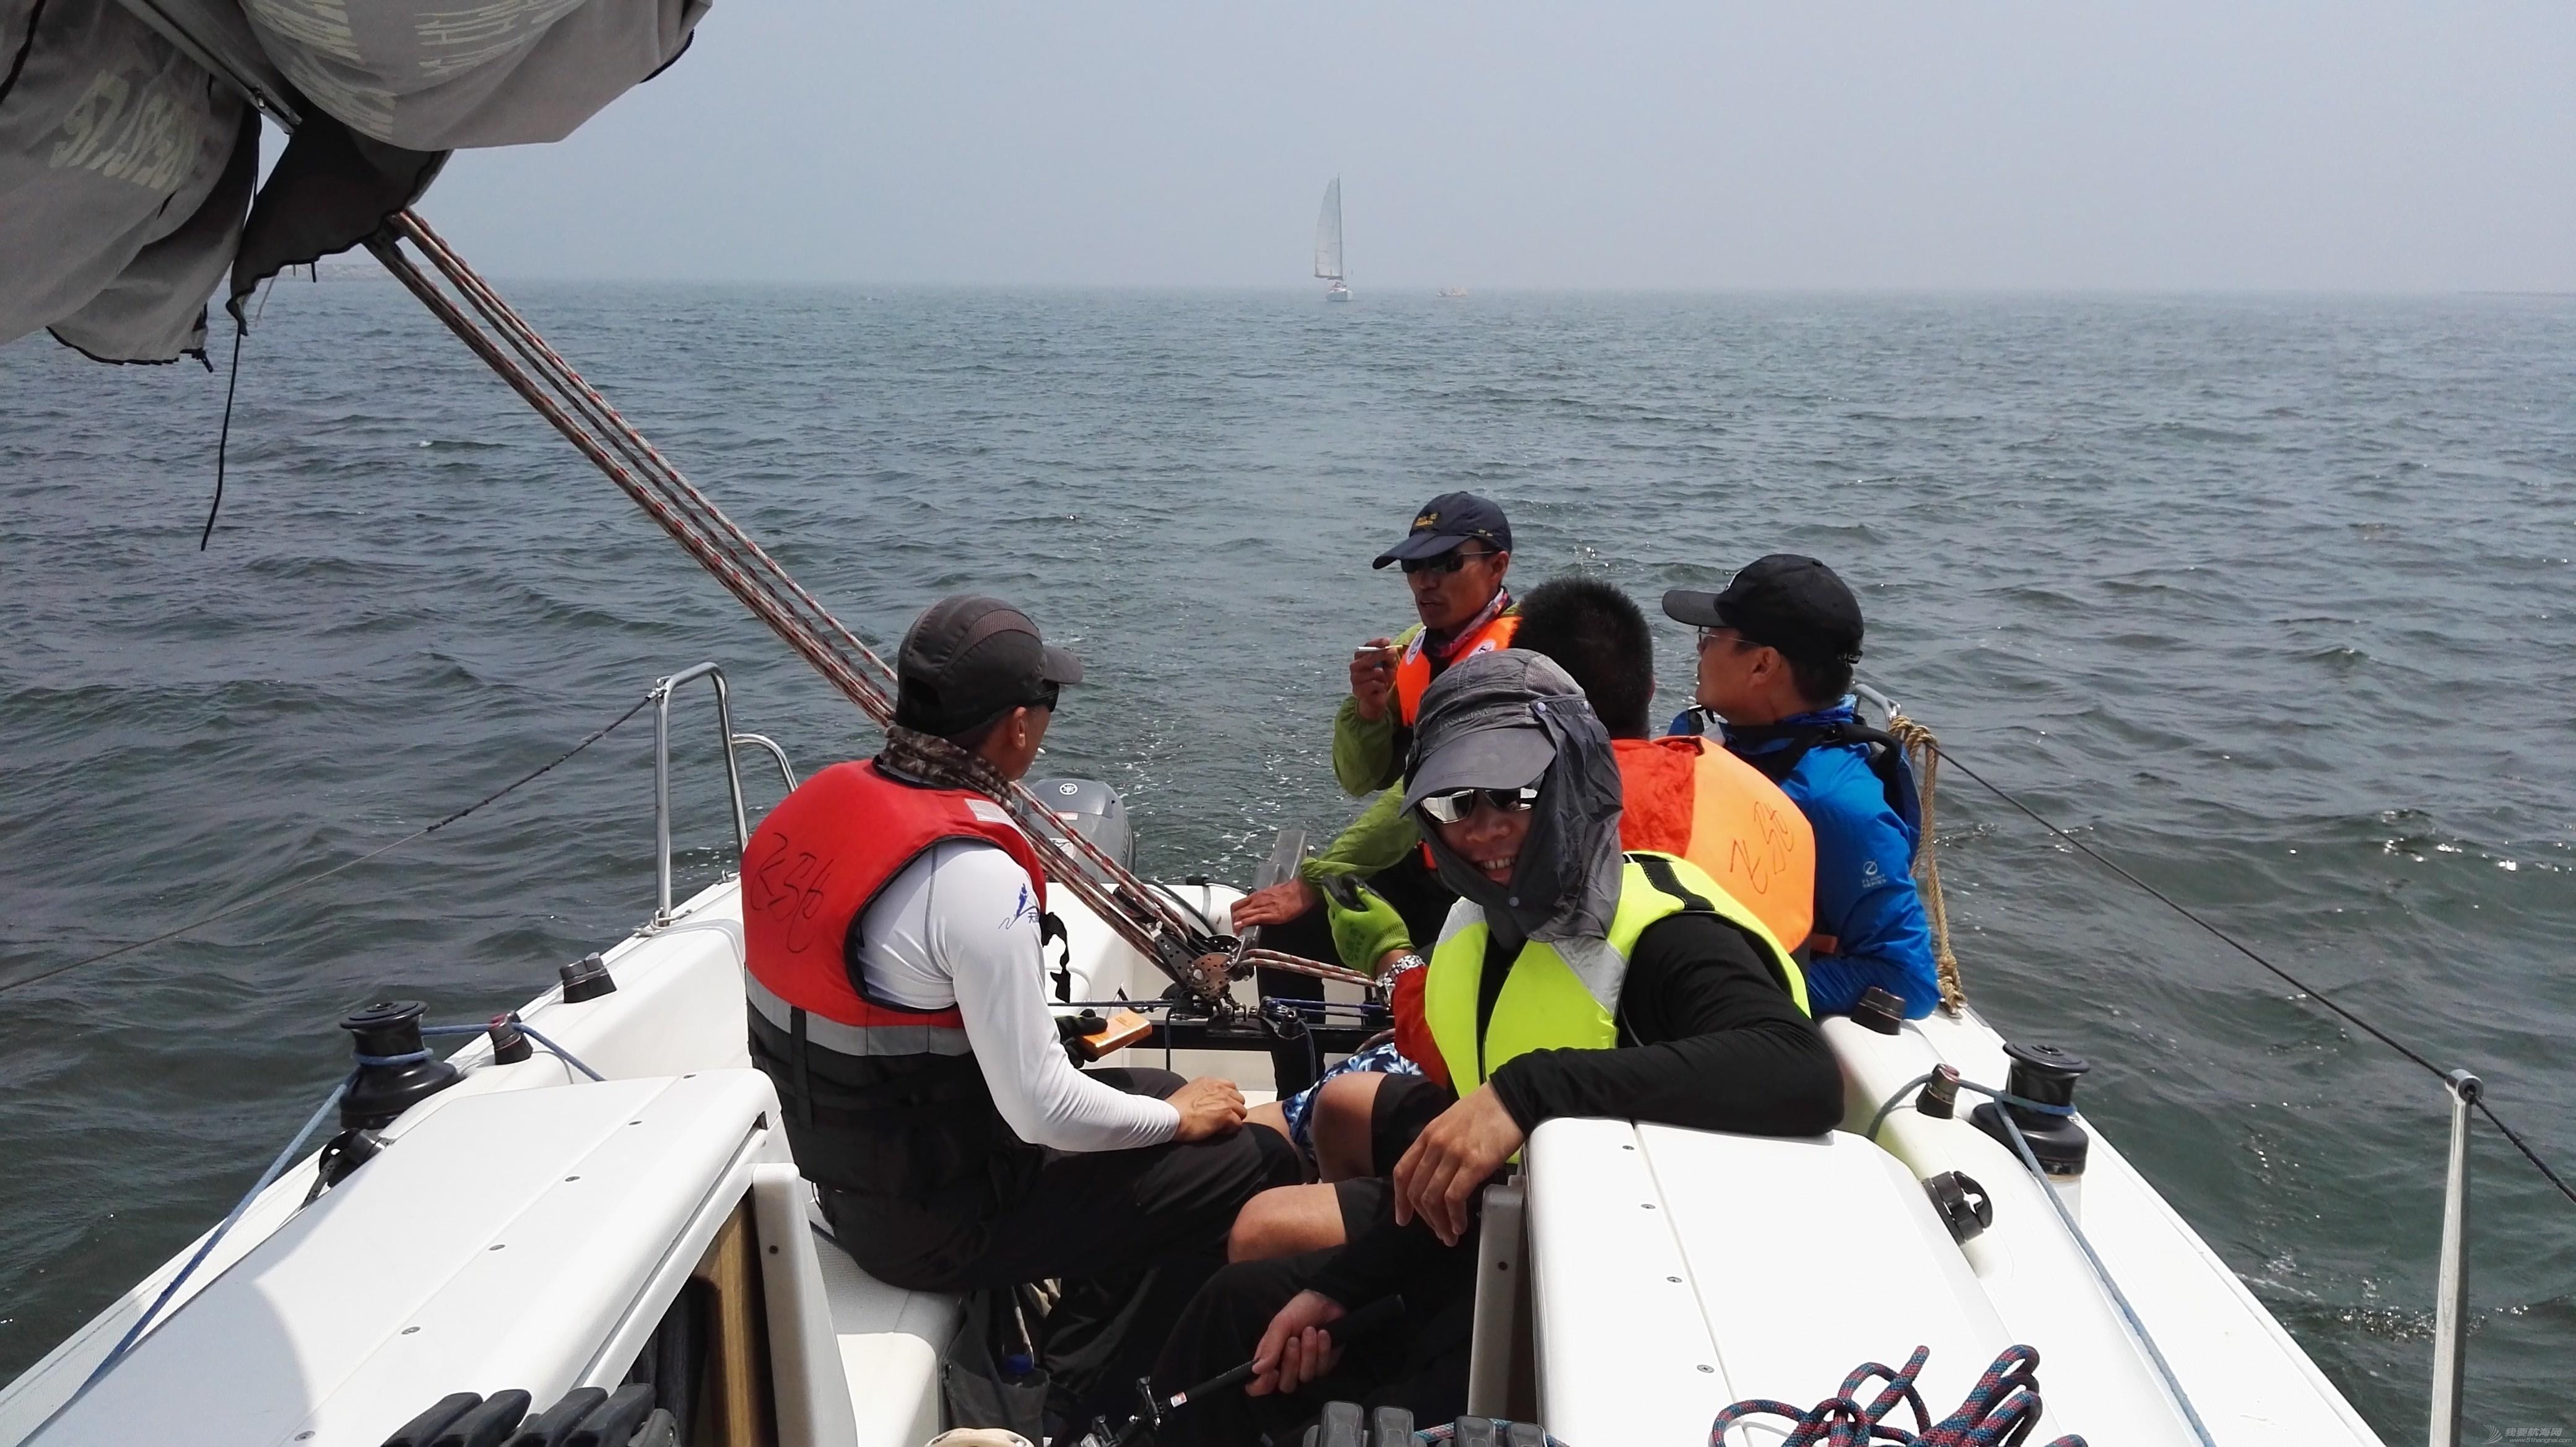 航海,公益,日照,帆船,培训 日照航海体验-37期  182806l1mqnb5lg2bxbw2b